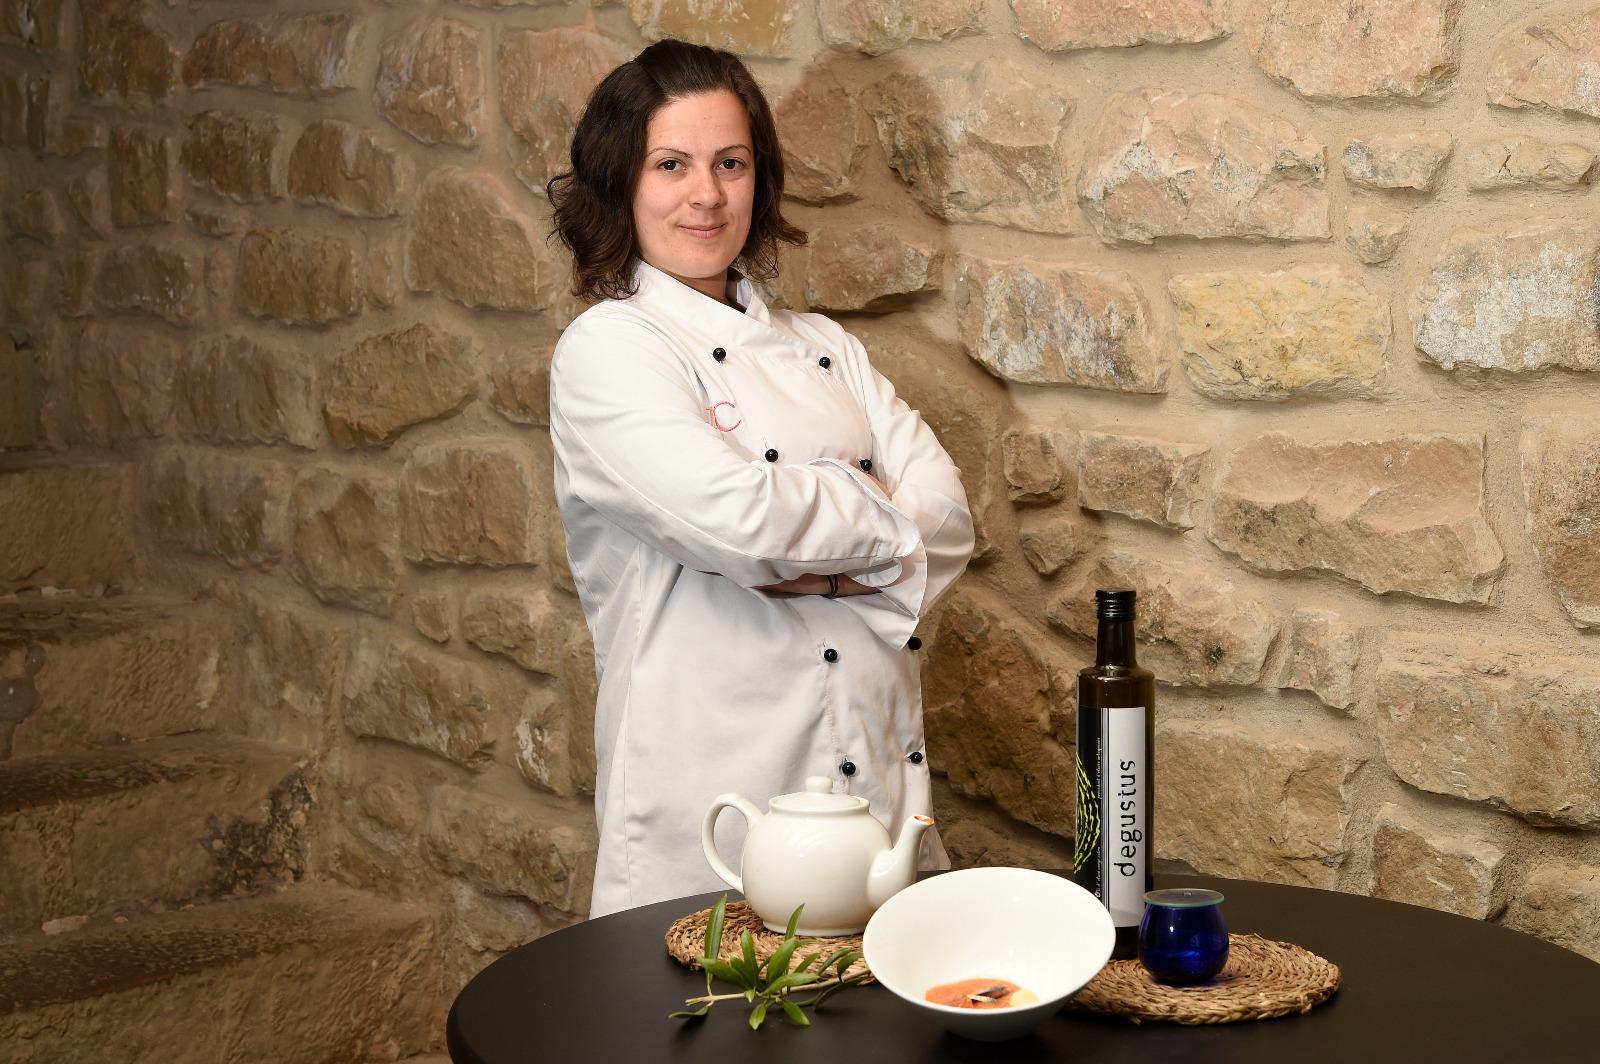 El Centre de l'oli de la Granadella organitza un taller virtual d'aplicacions gastronòmiques d'arbequina amb la xef Montse Freixa